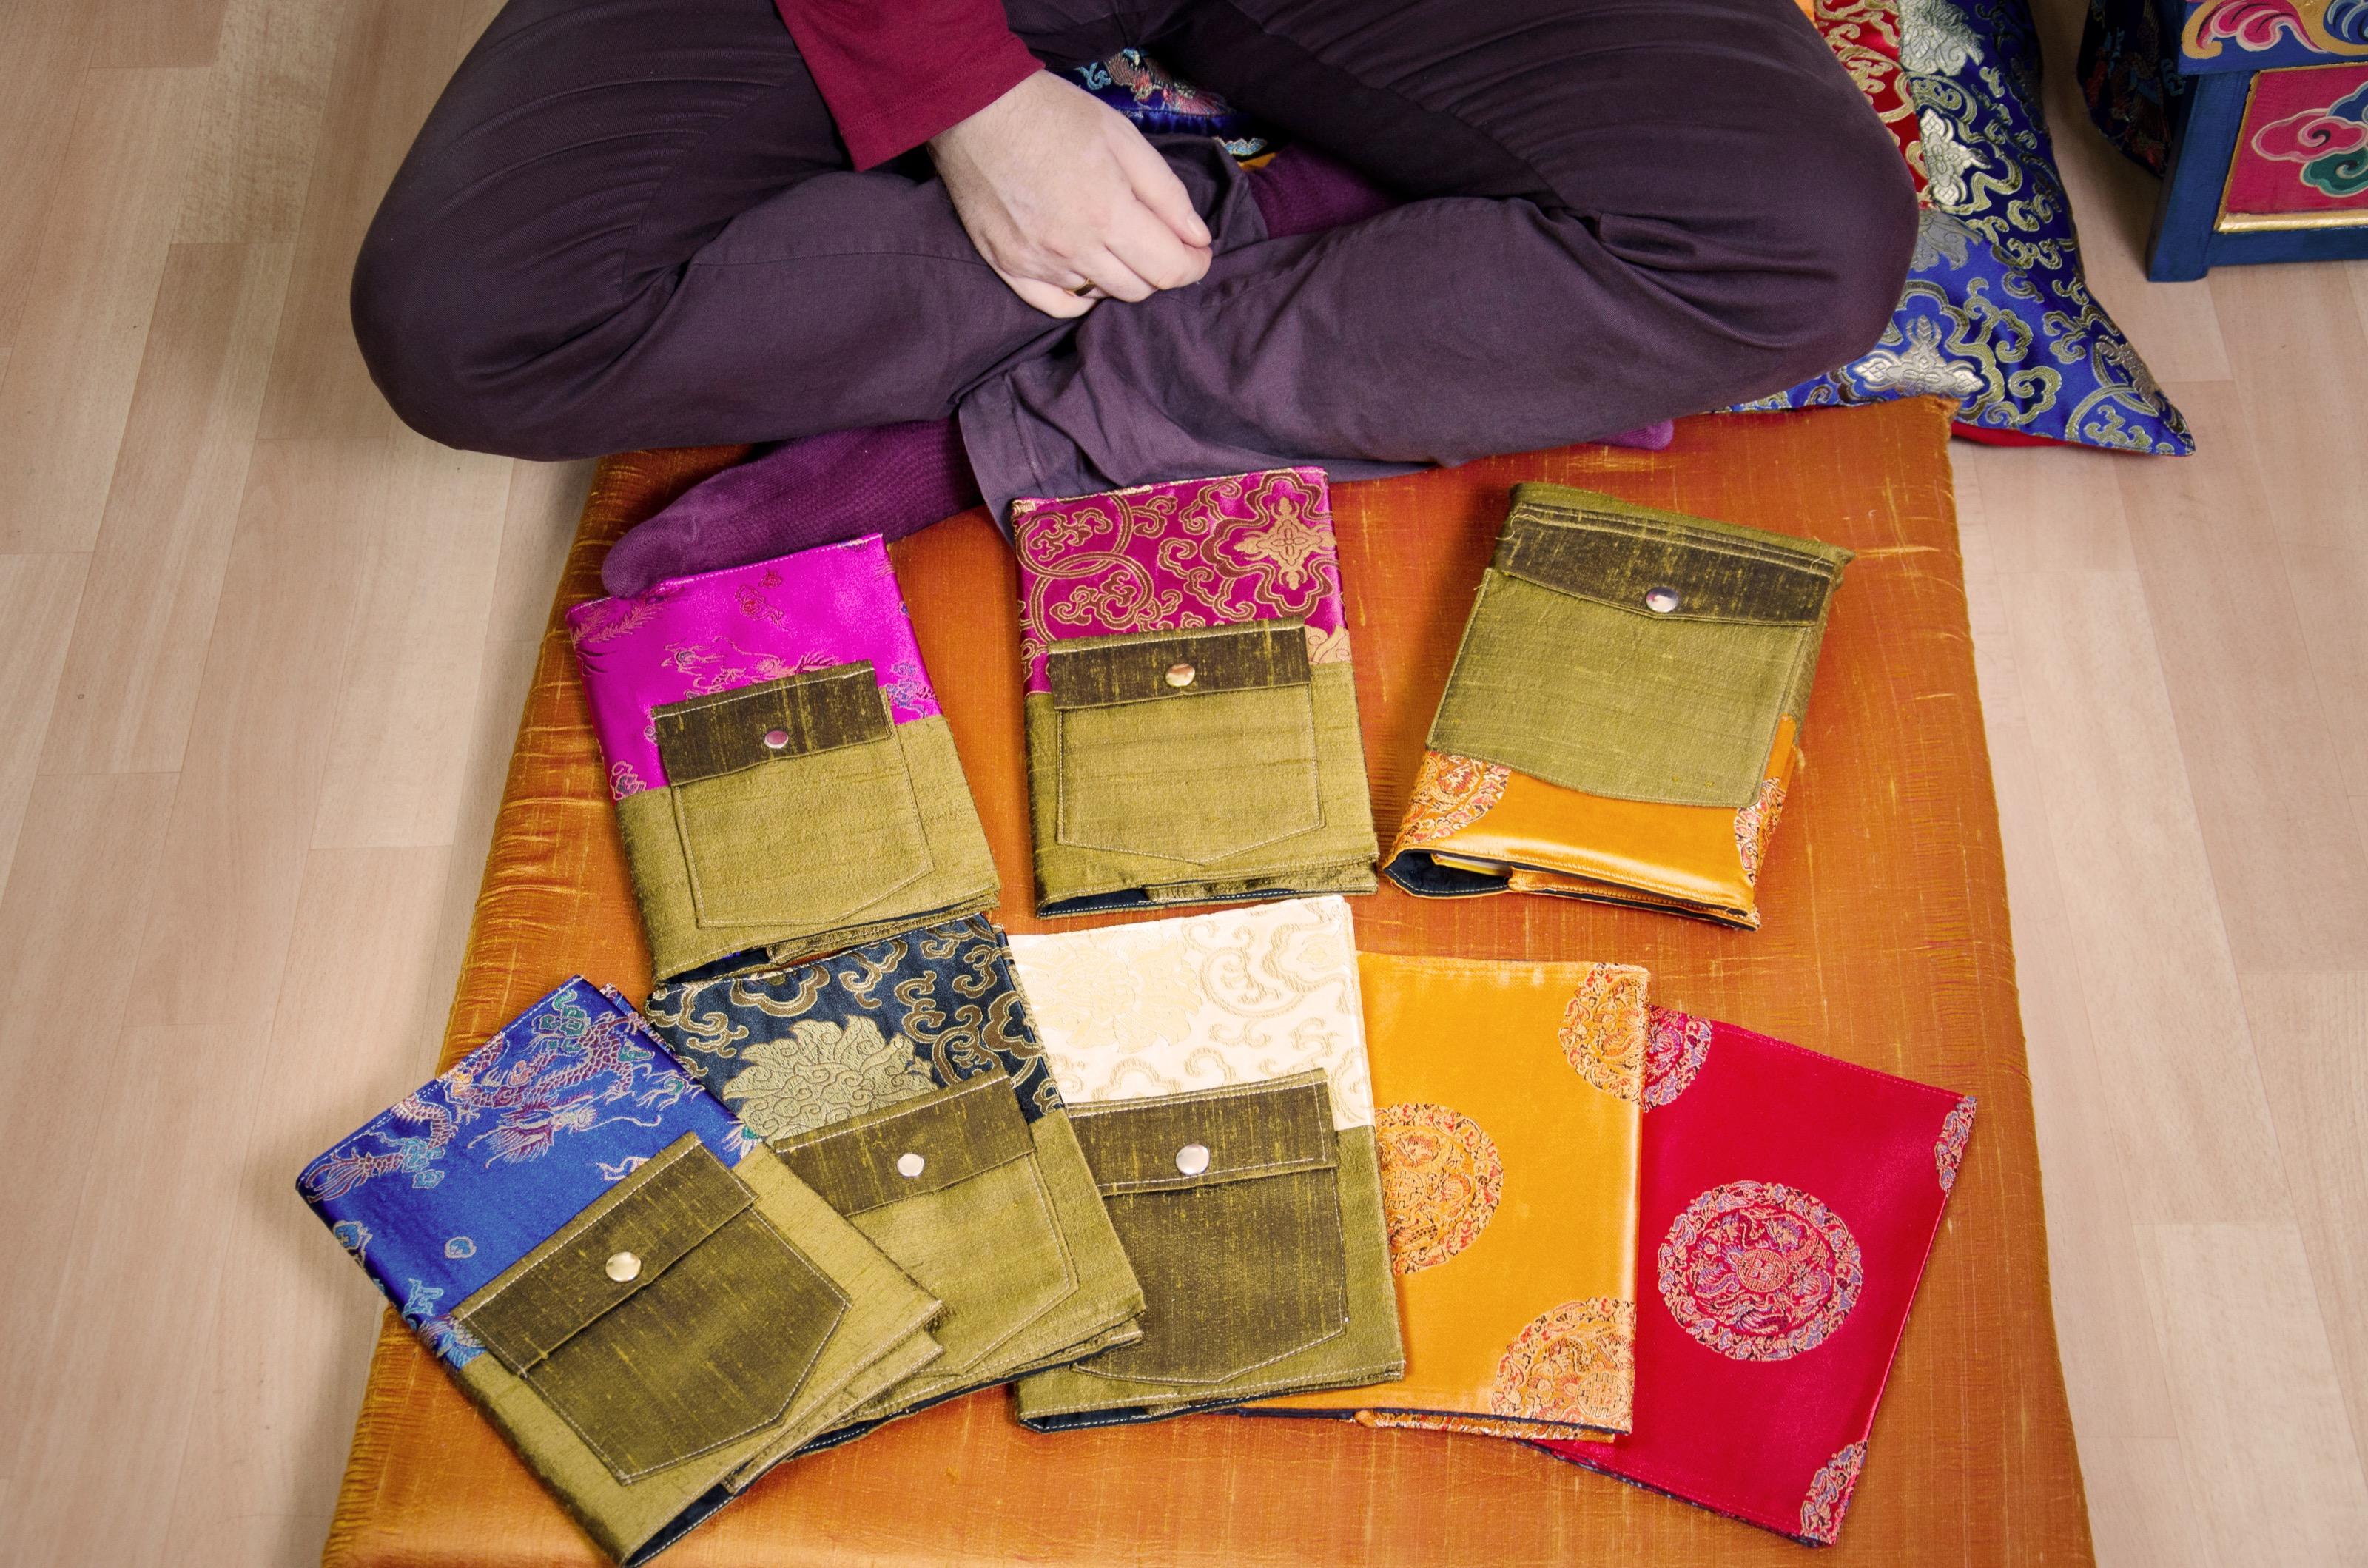 Notizbücher für Meditation